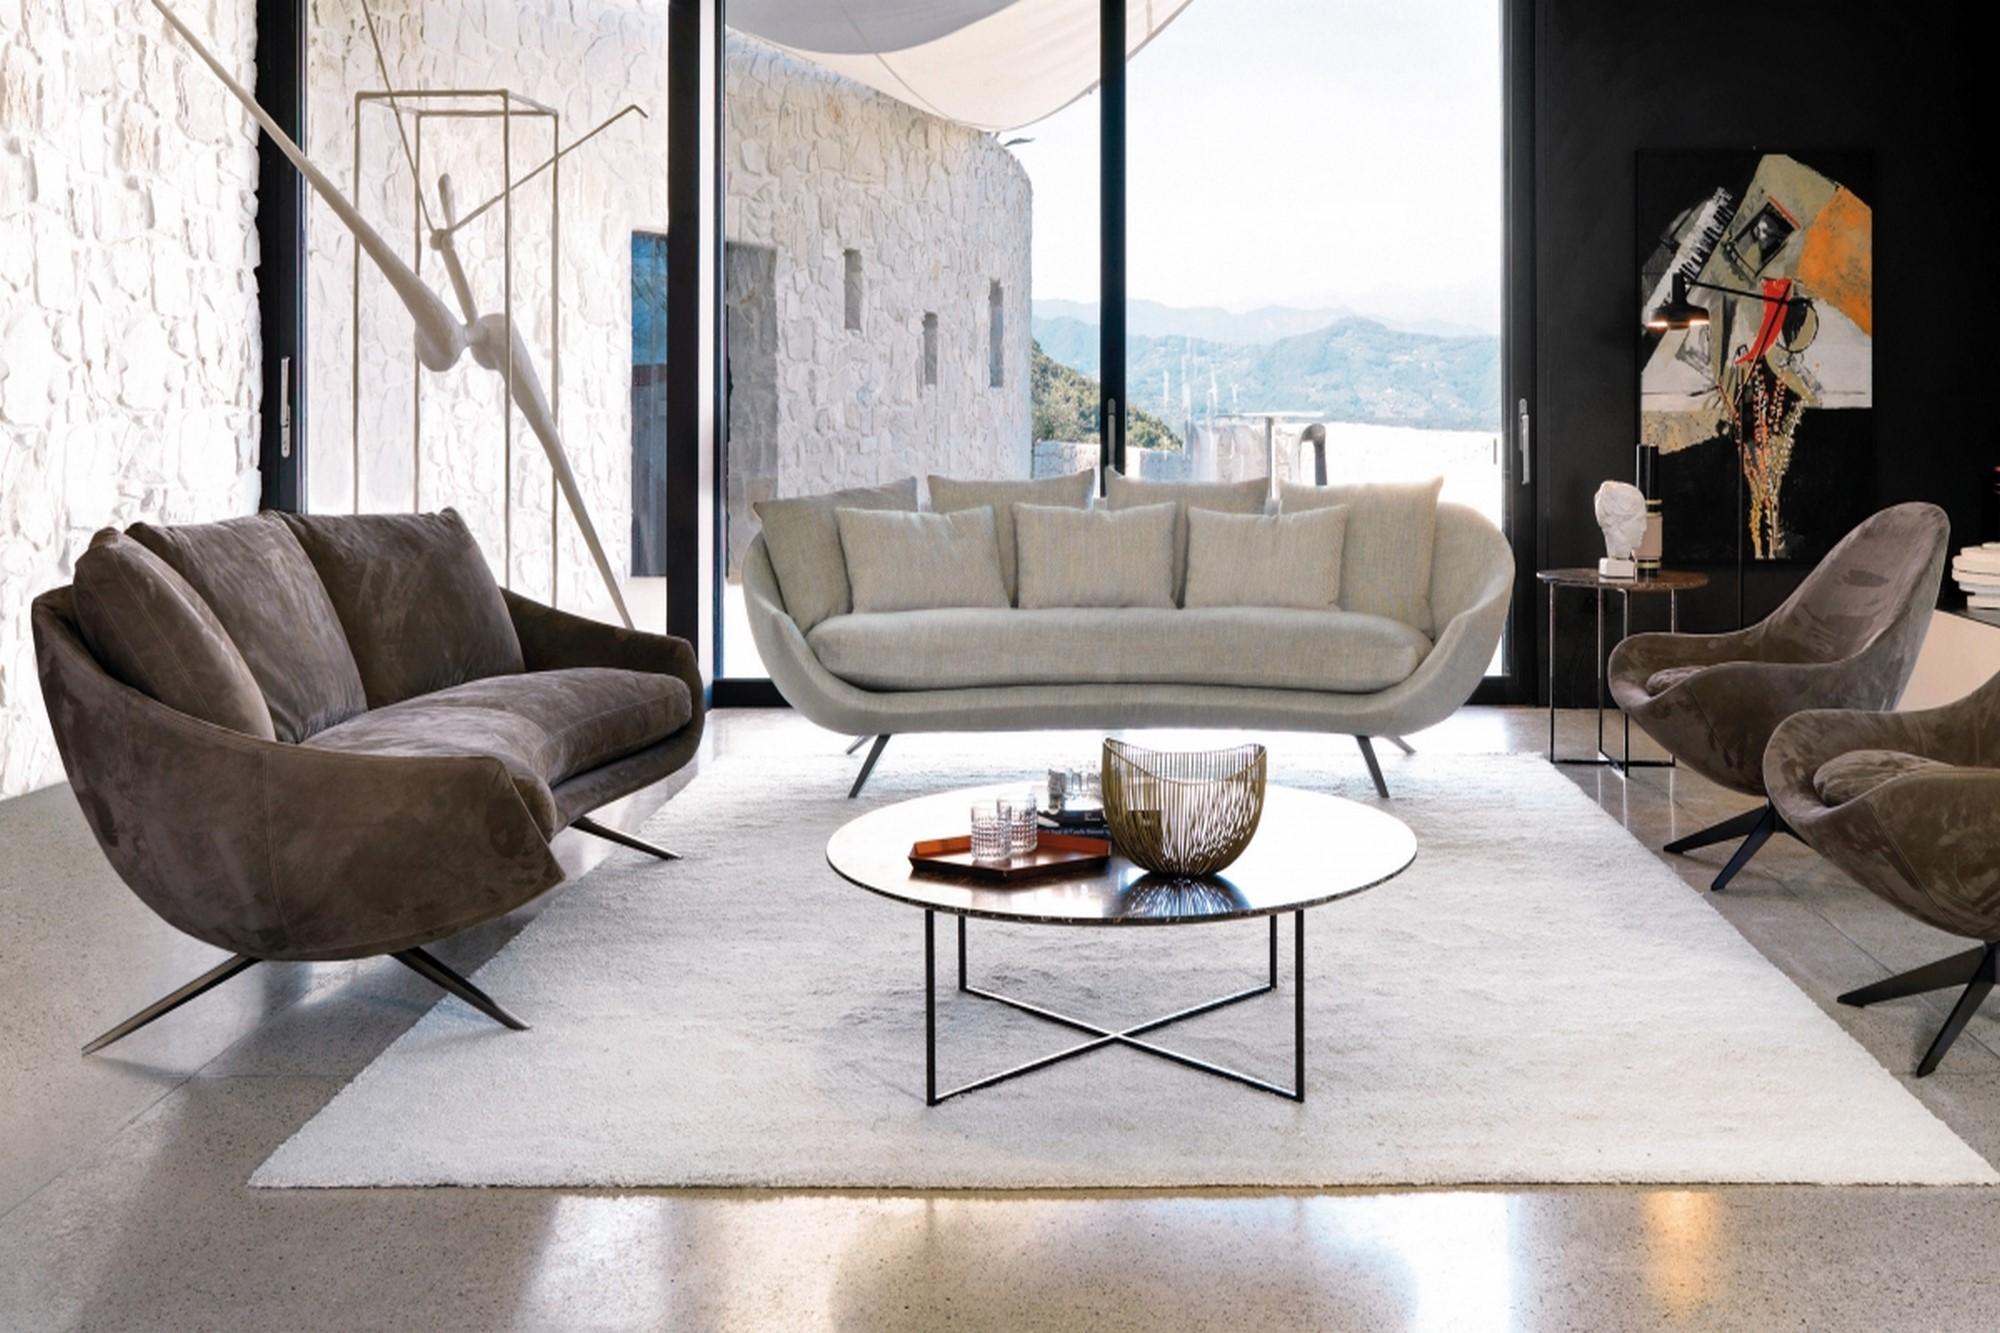 Salotti, divani e poltrone mobilificio Cominazzi Cavallirio - Novara